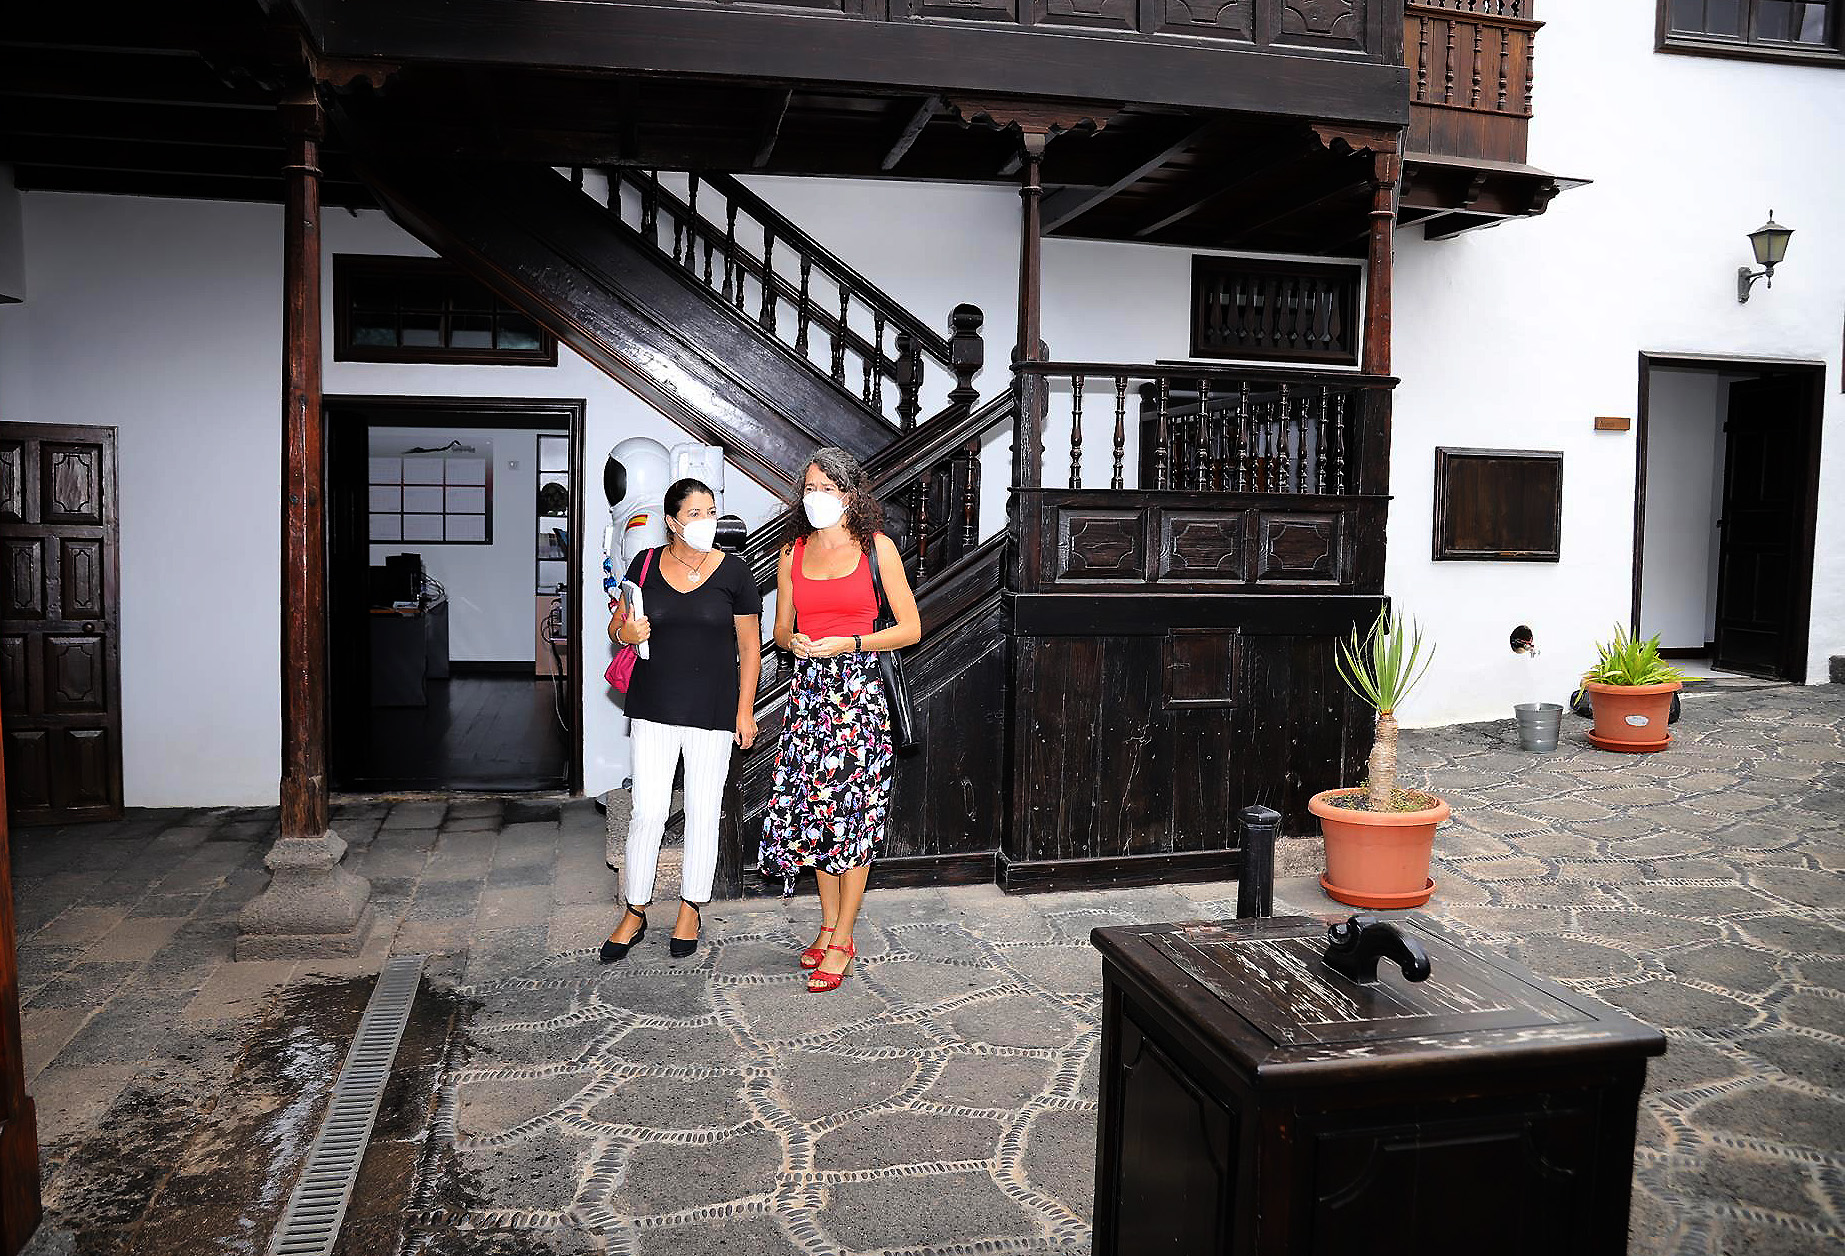 La Casa de los Arroyo acoge la nueva sede de la Reserva de la Biosfera y Geoparque UNESCO Lanzarote